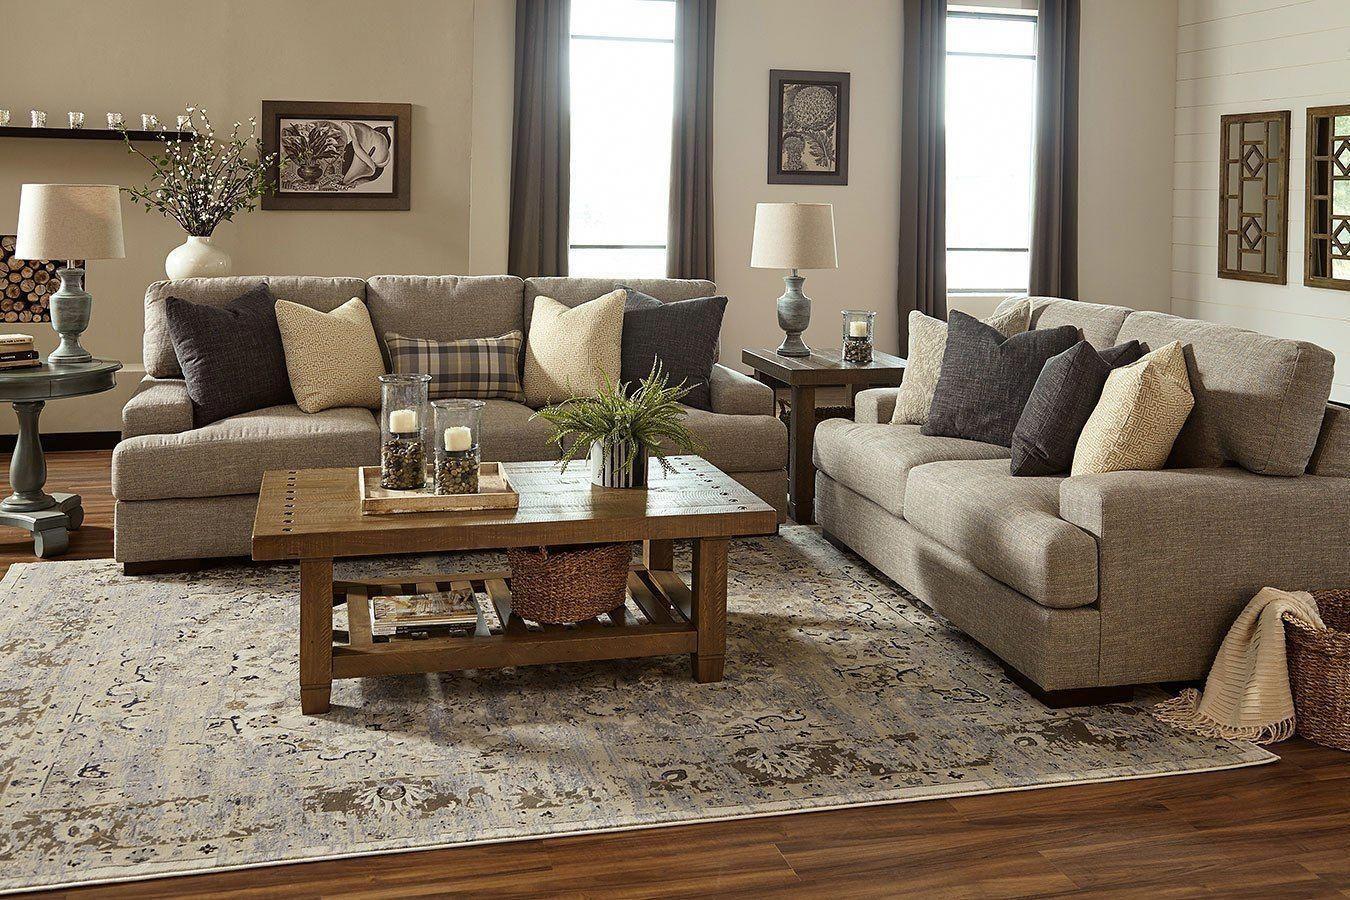 Austwell Lead Living Room Set Rustic Living Room Furniture Living Room Sets Farm House Living Room #rustic #living #room #furniture #set